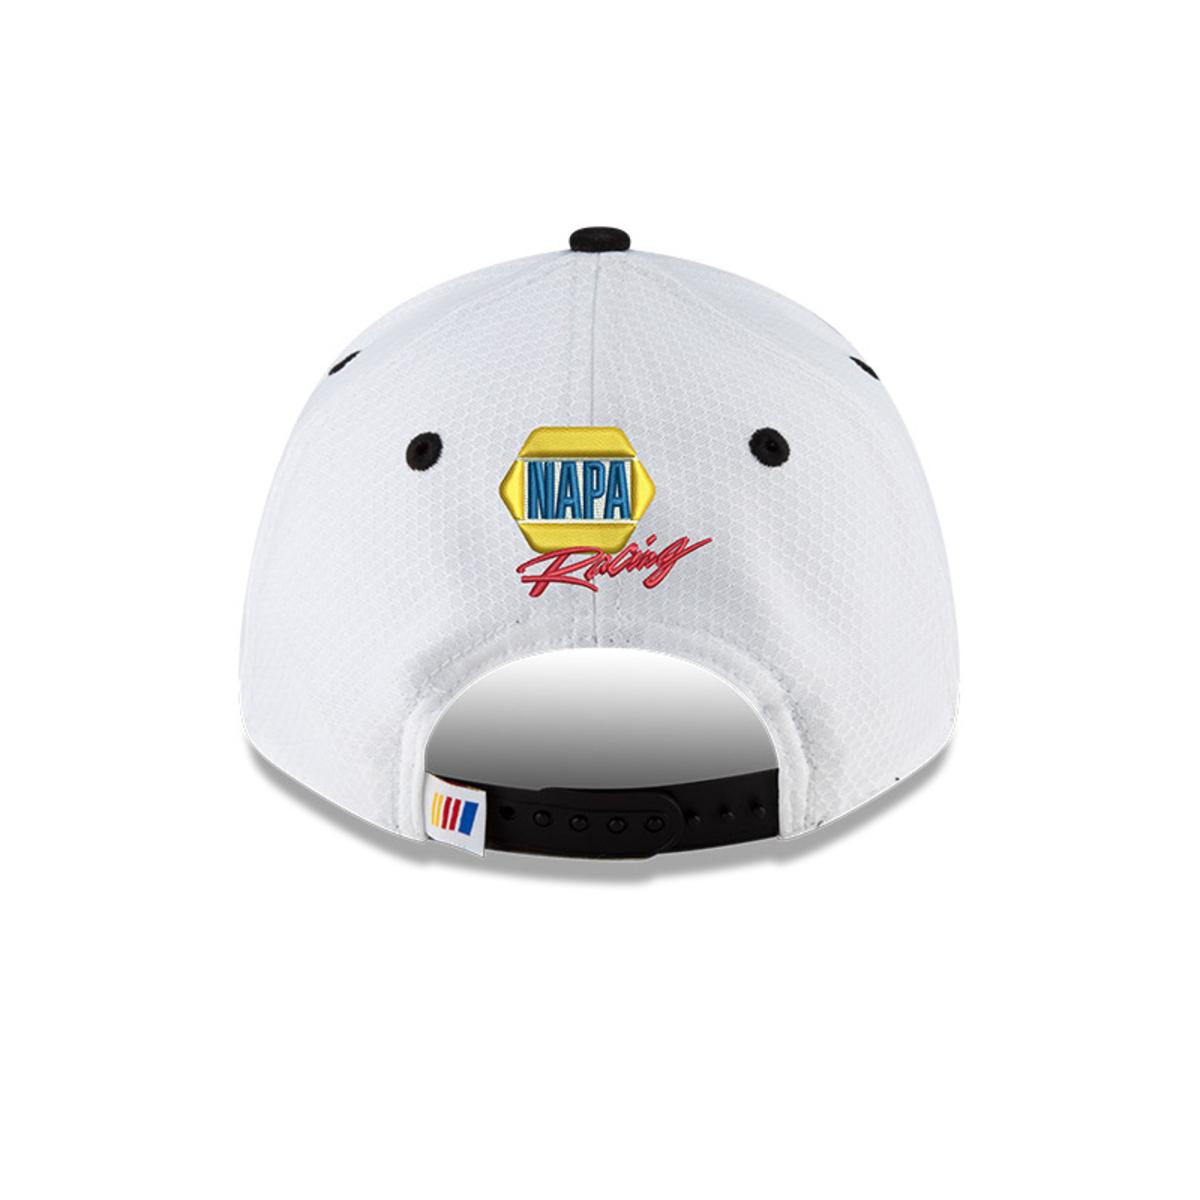 2020 NASCAR Champ Chase Elliott  - New Era NAPA CHAMP HAT